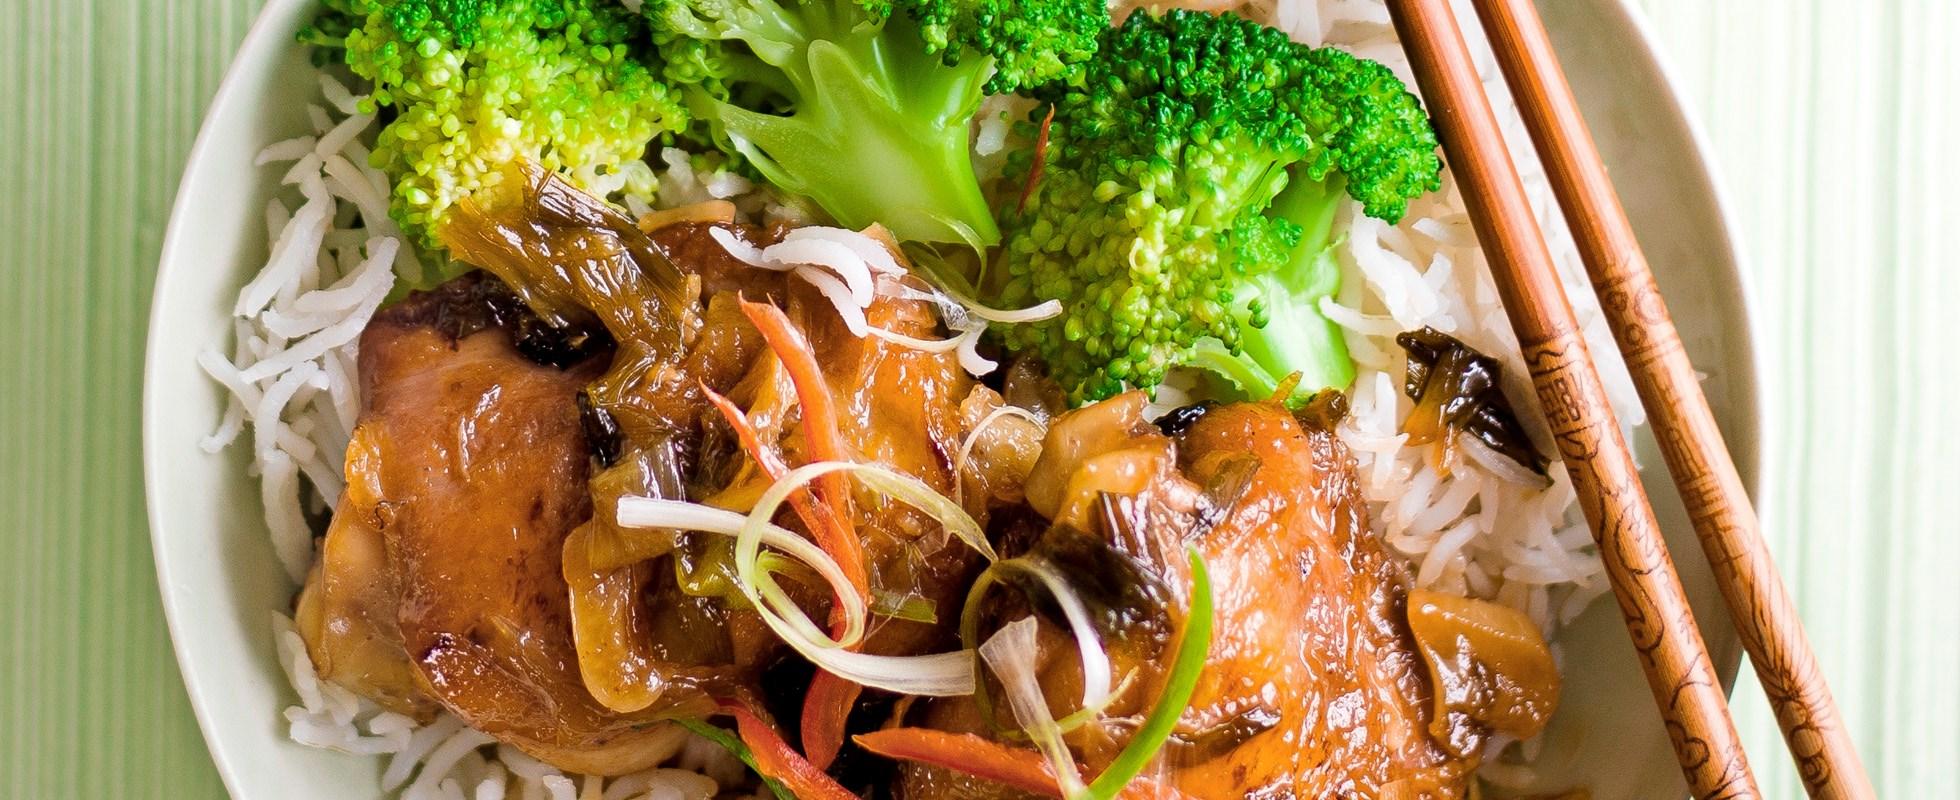 Chinese red-braised chicken - healthy chicken recipe